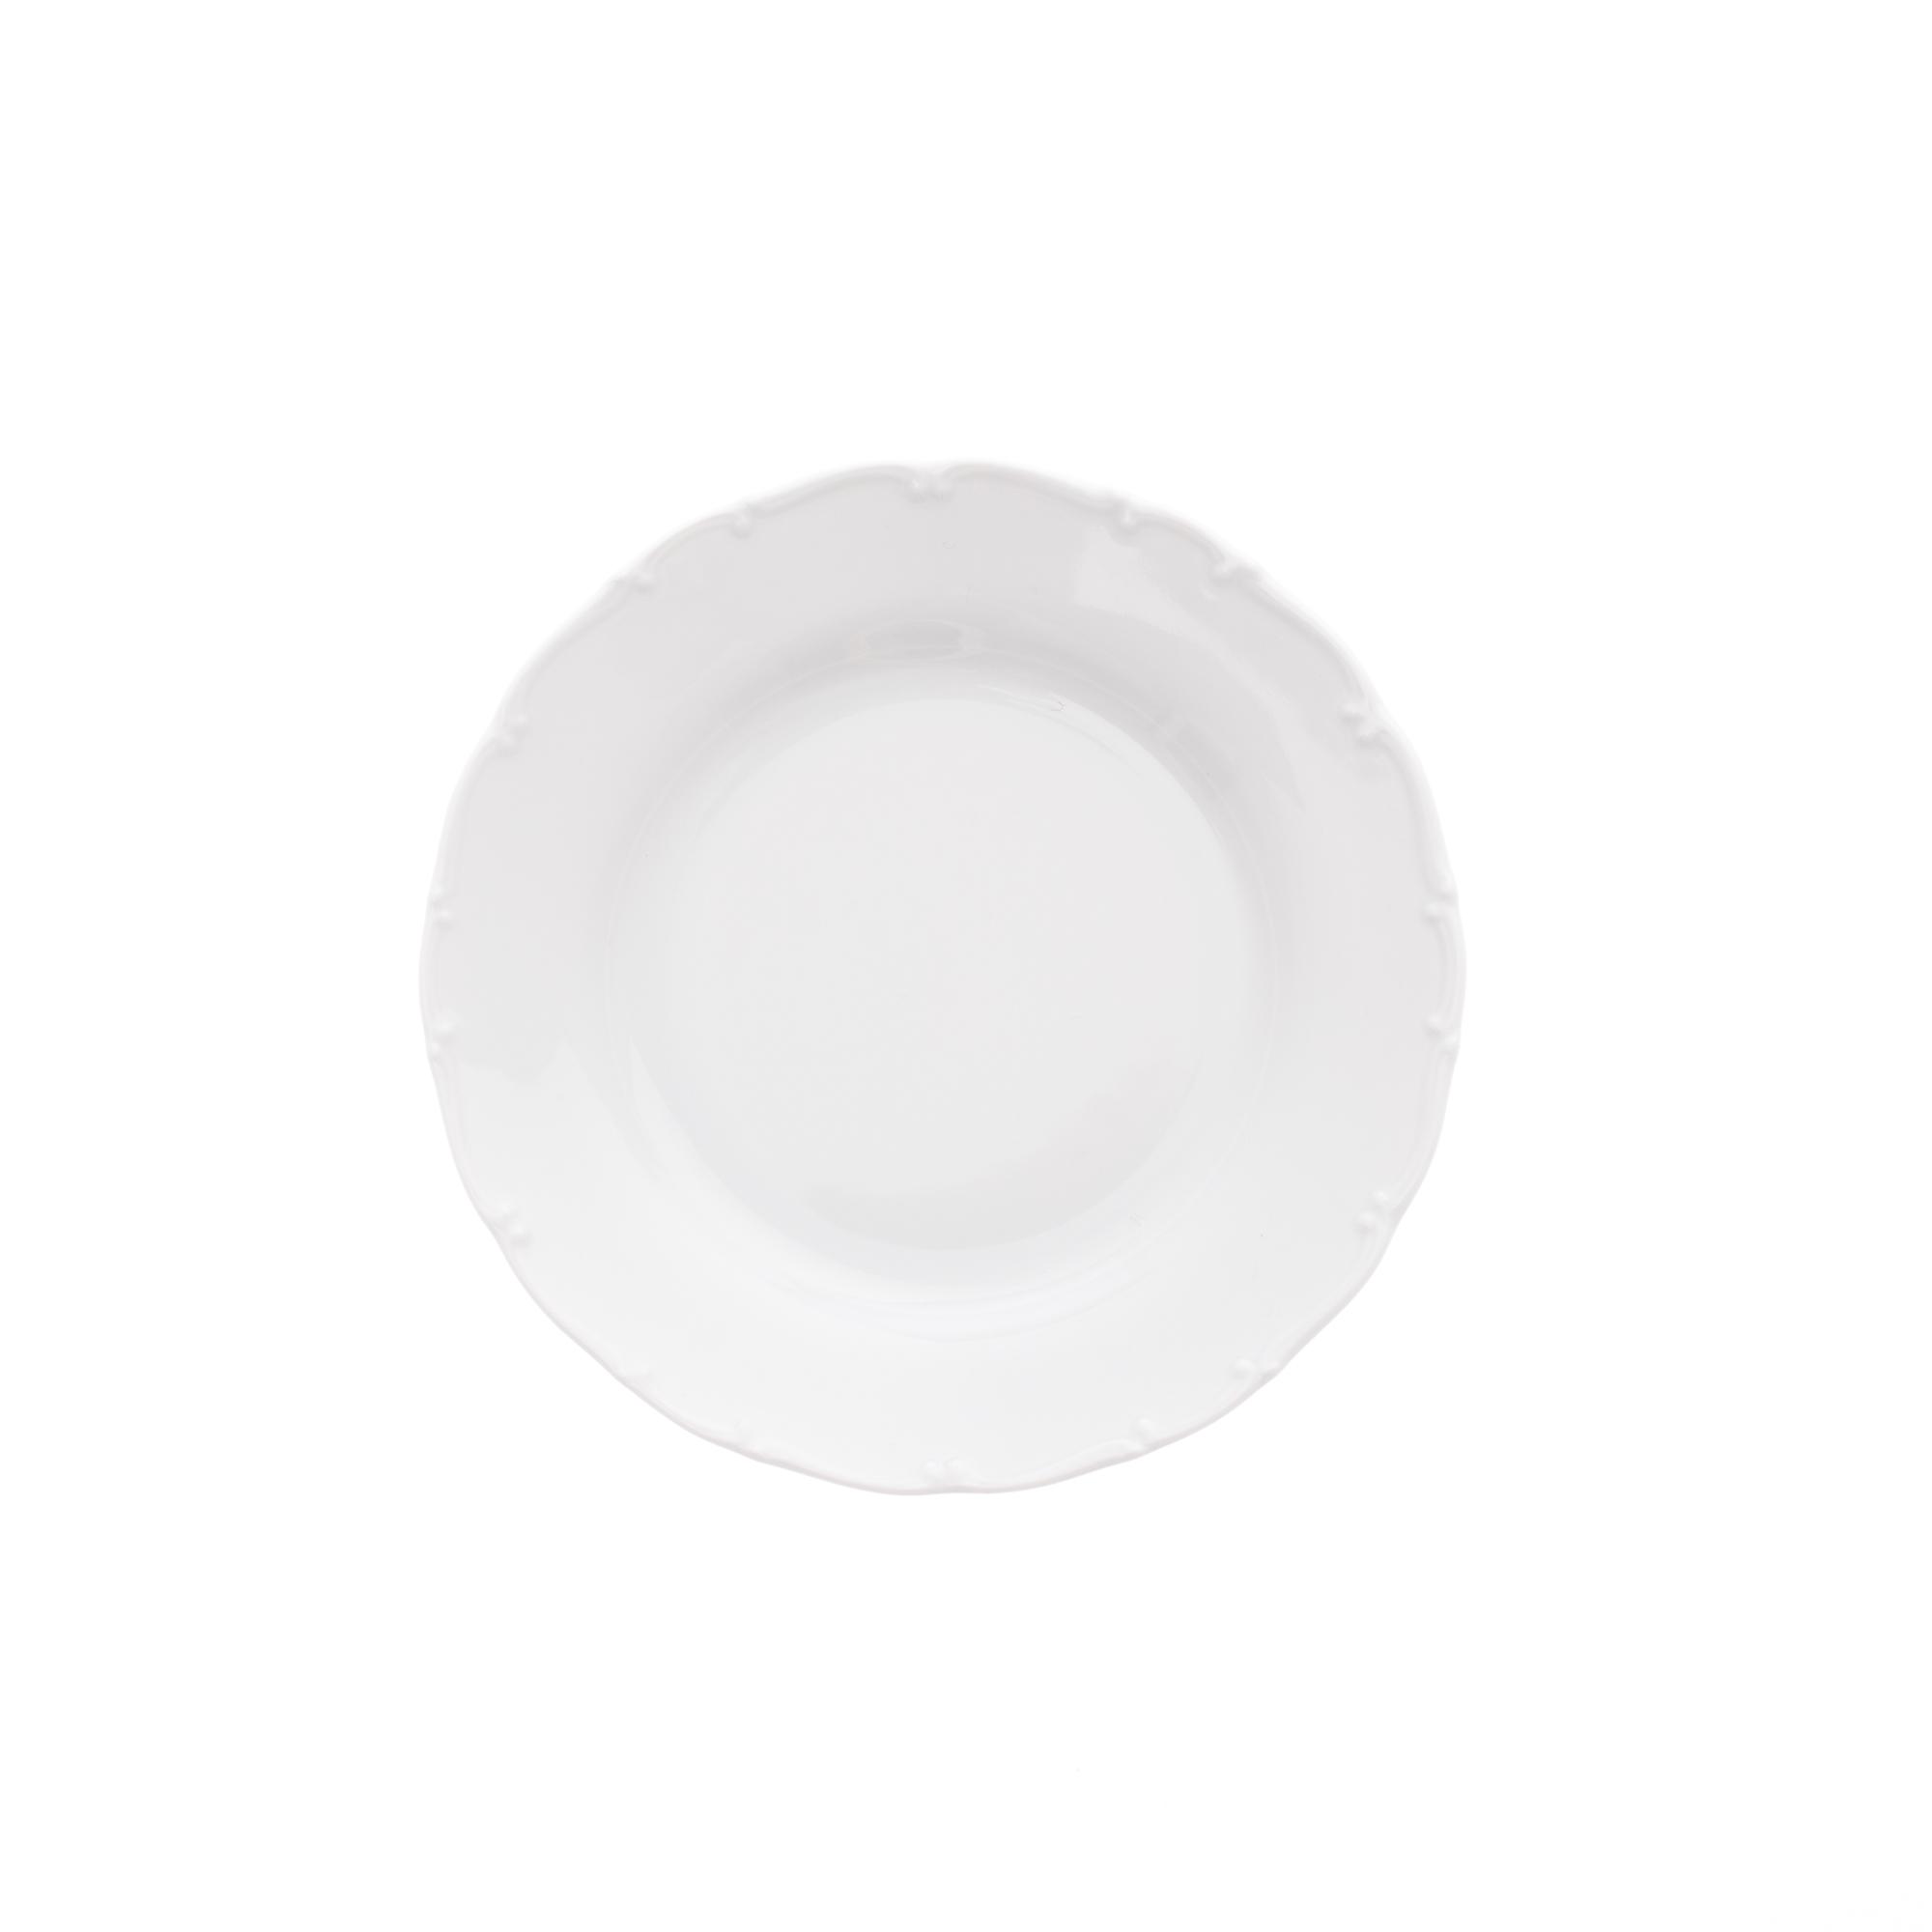 Talíř dezertní 19 cm, bílý porcelán, Ofélie, Stará Role